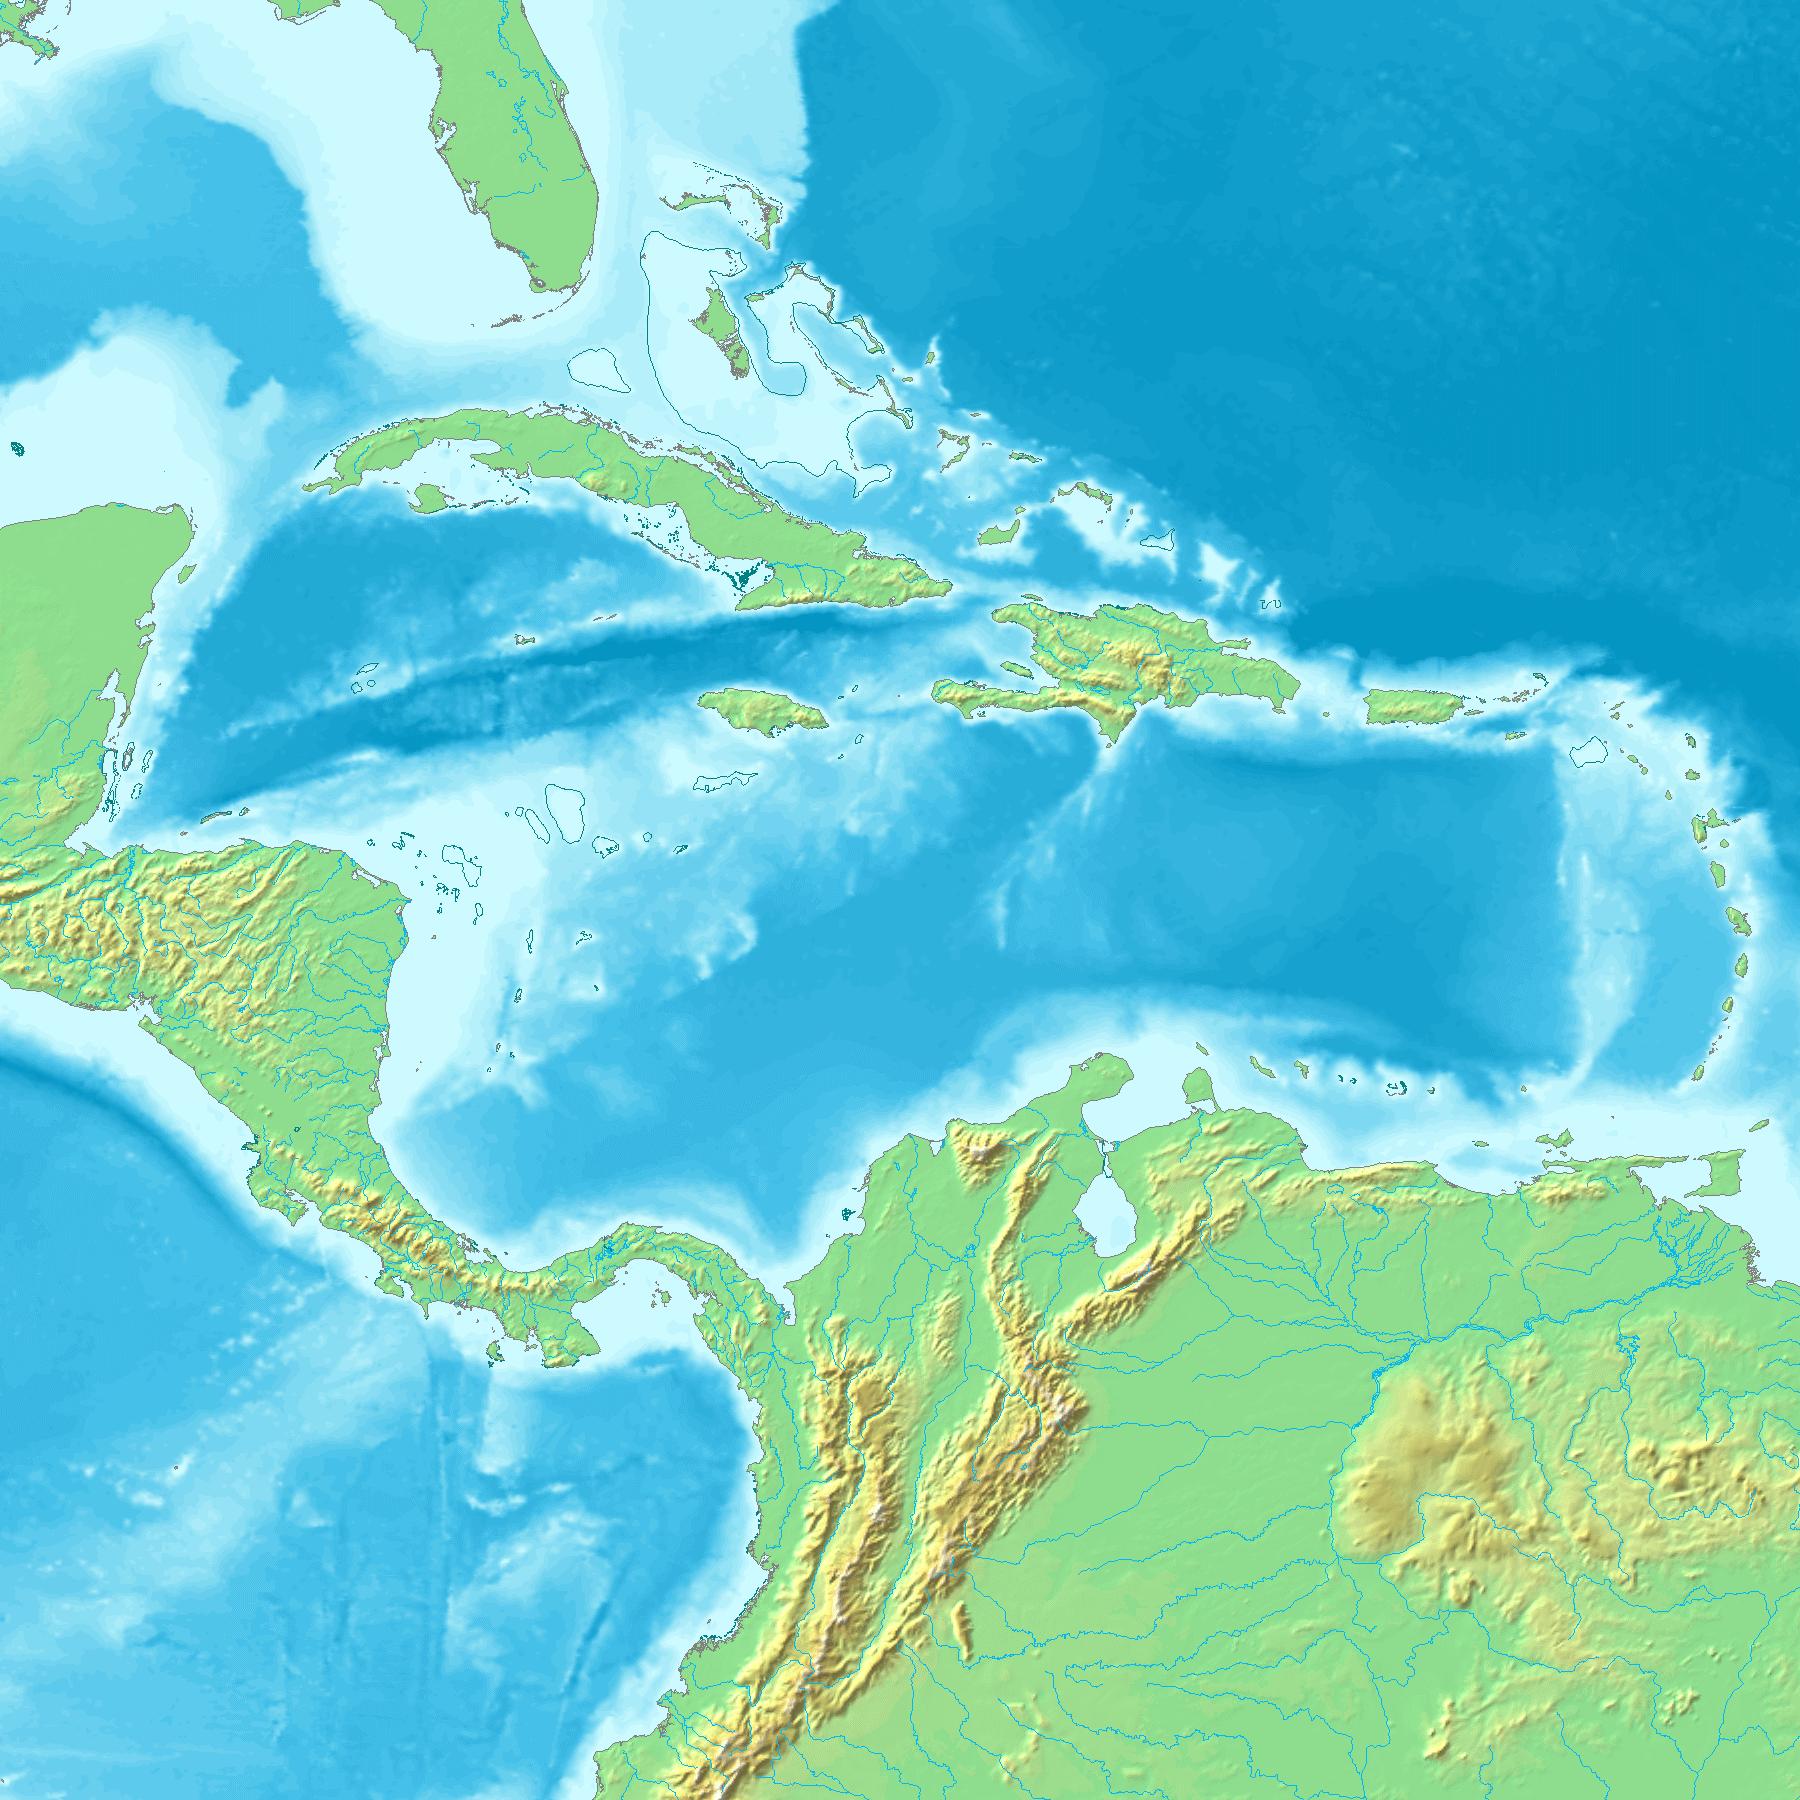 Topografía e hidrografía del mar Caribe 2005